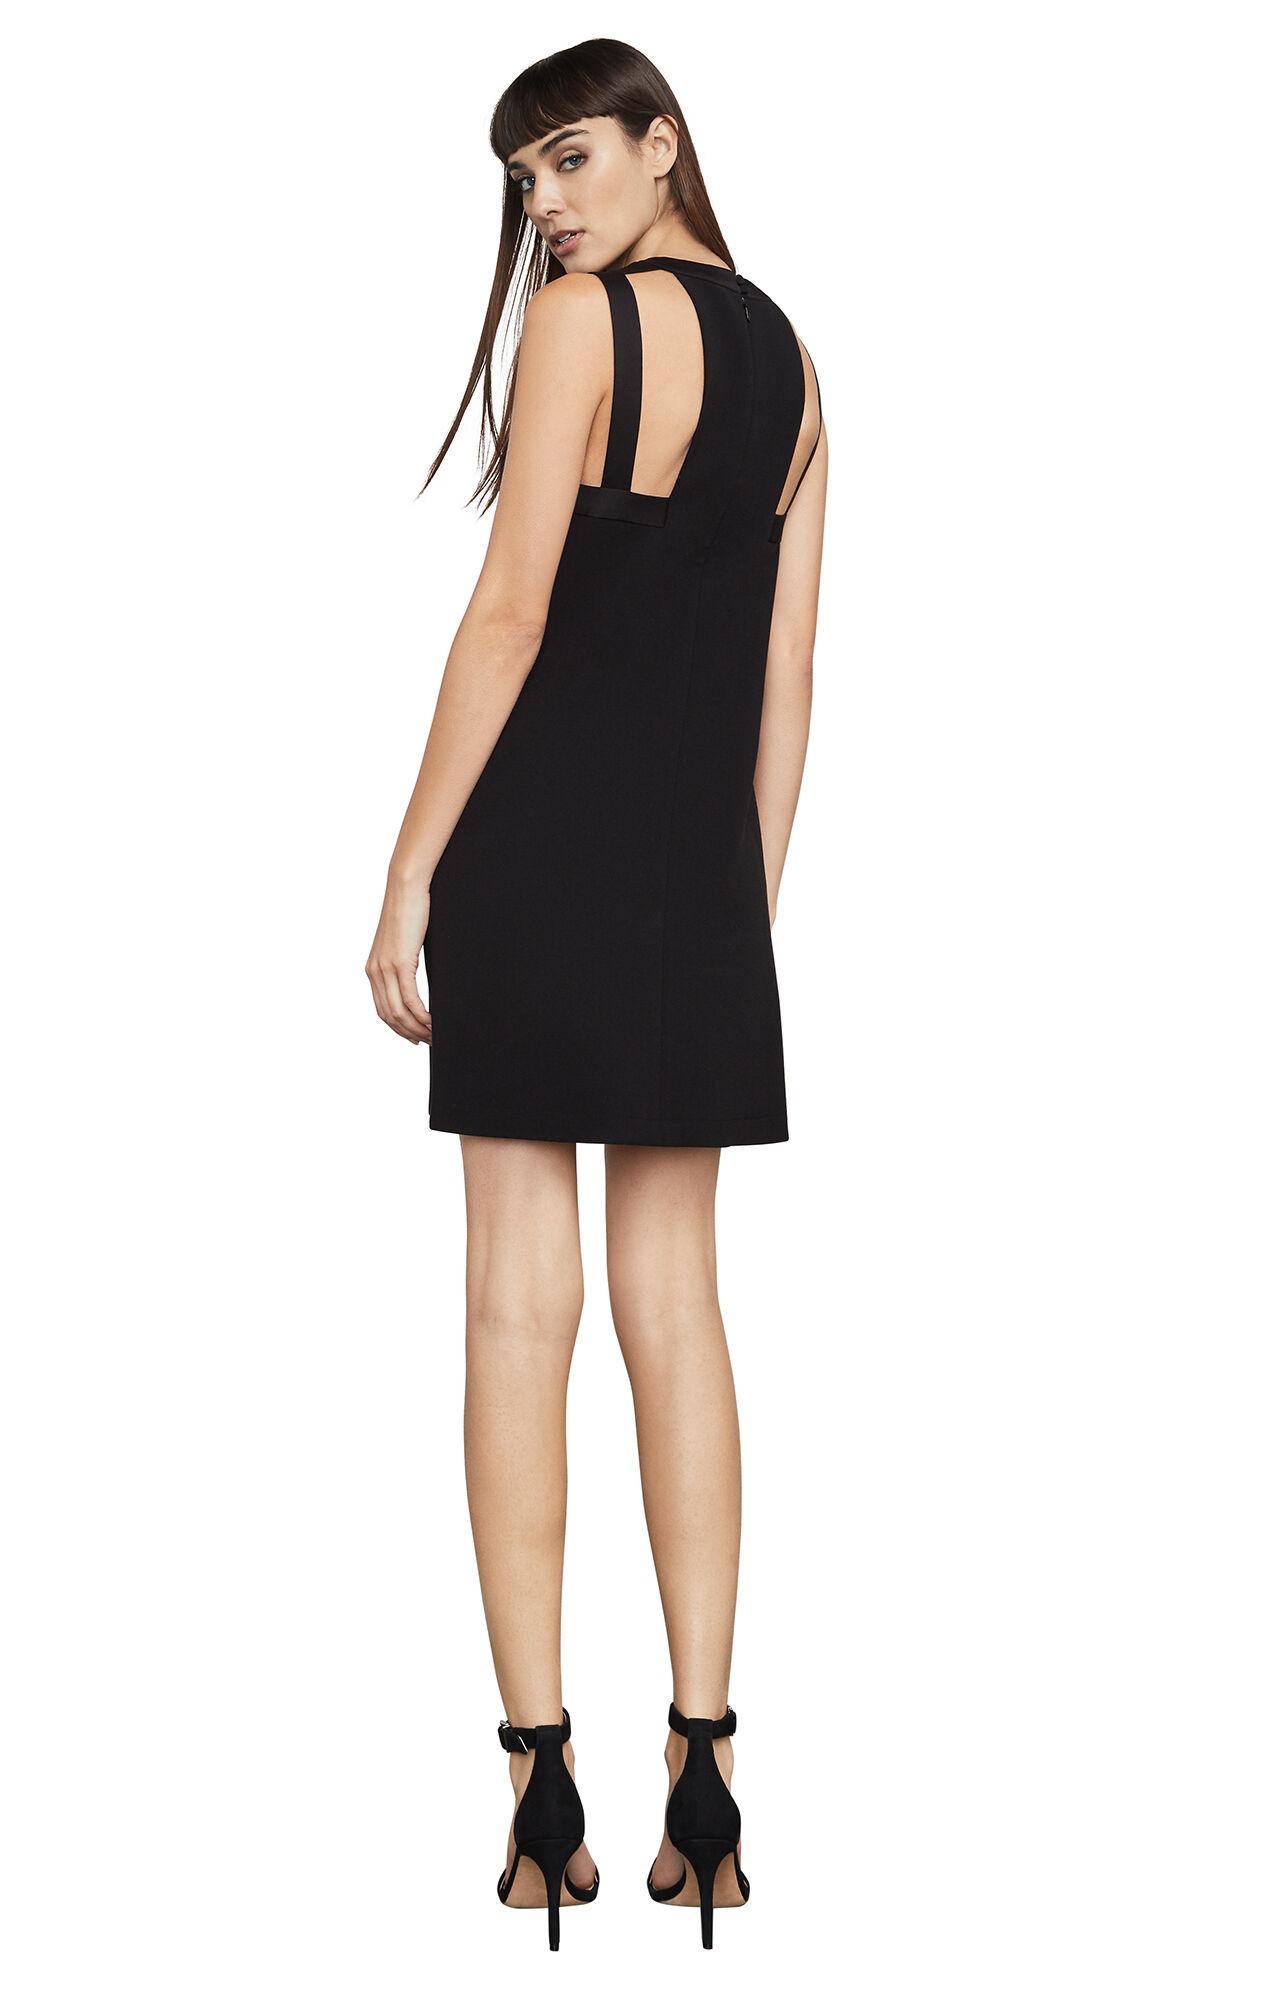 Bitany Cutout Dress